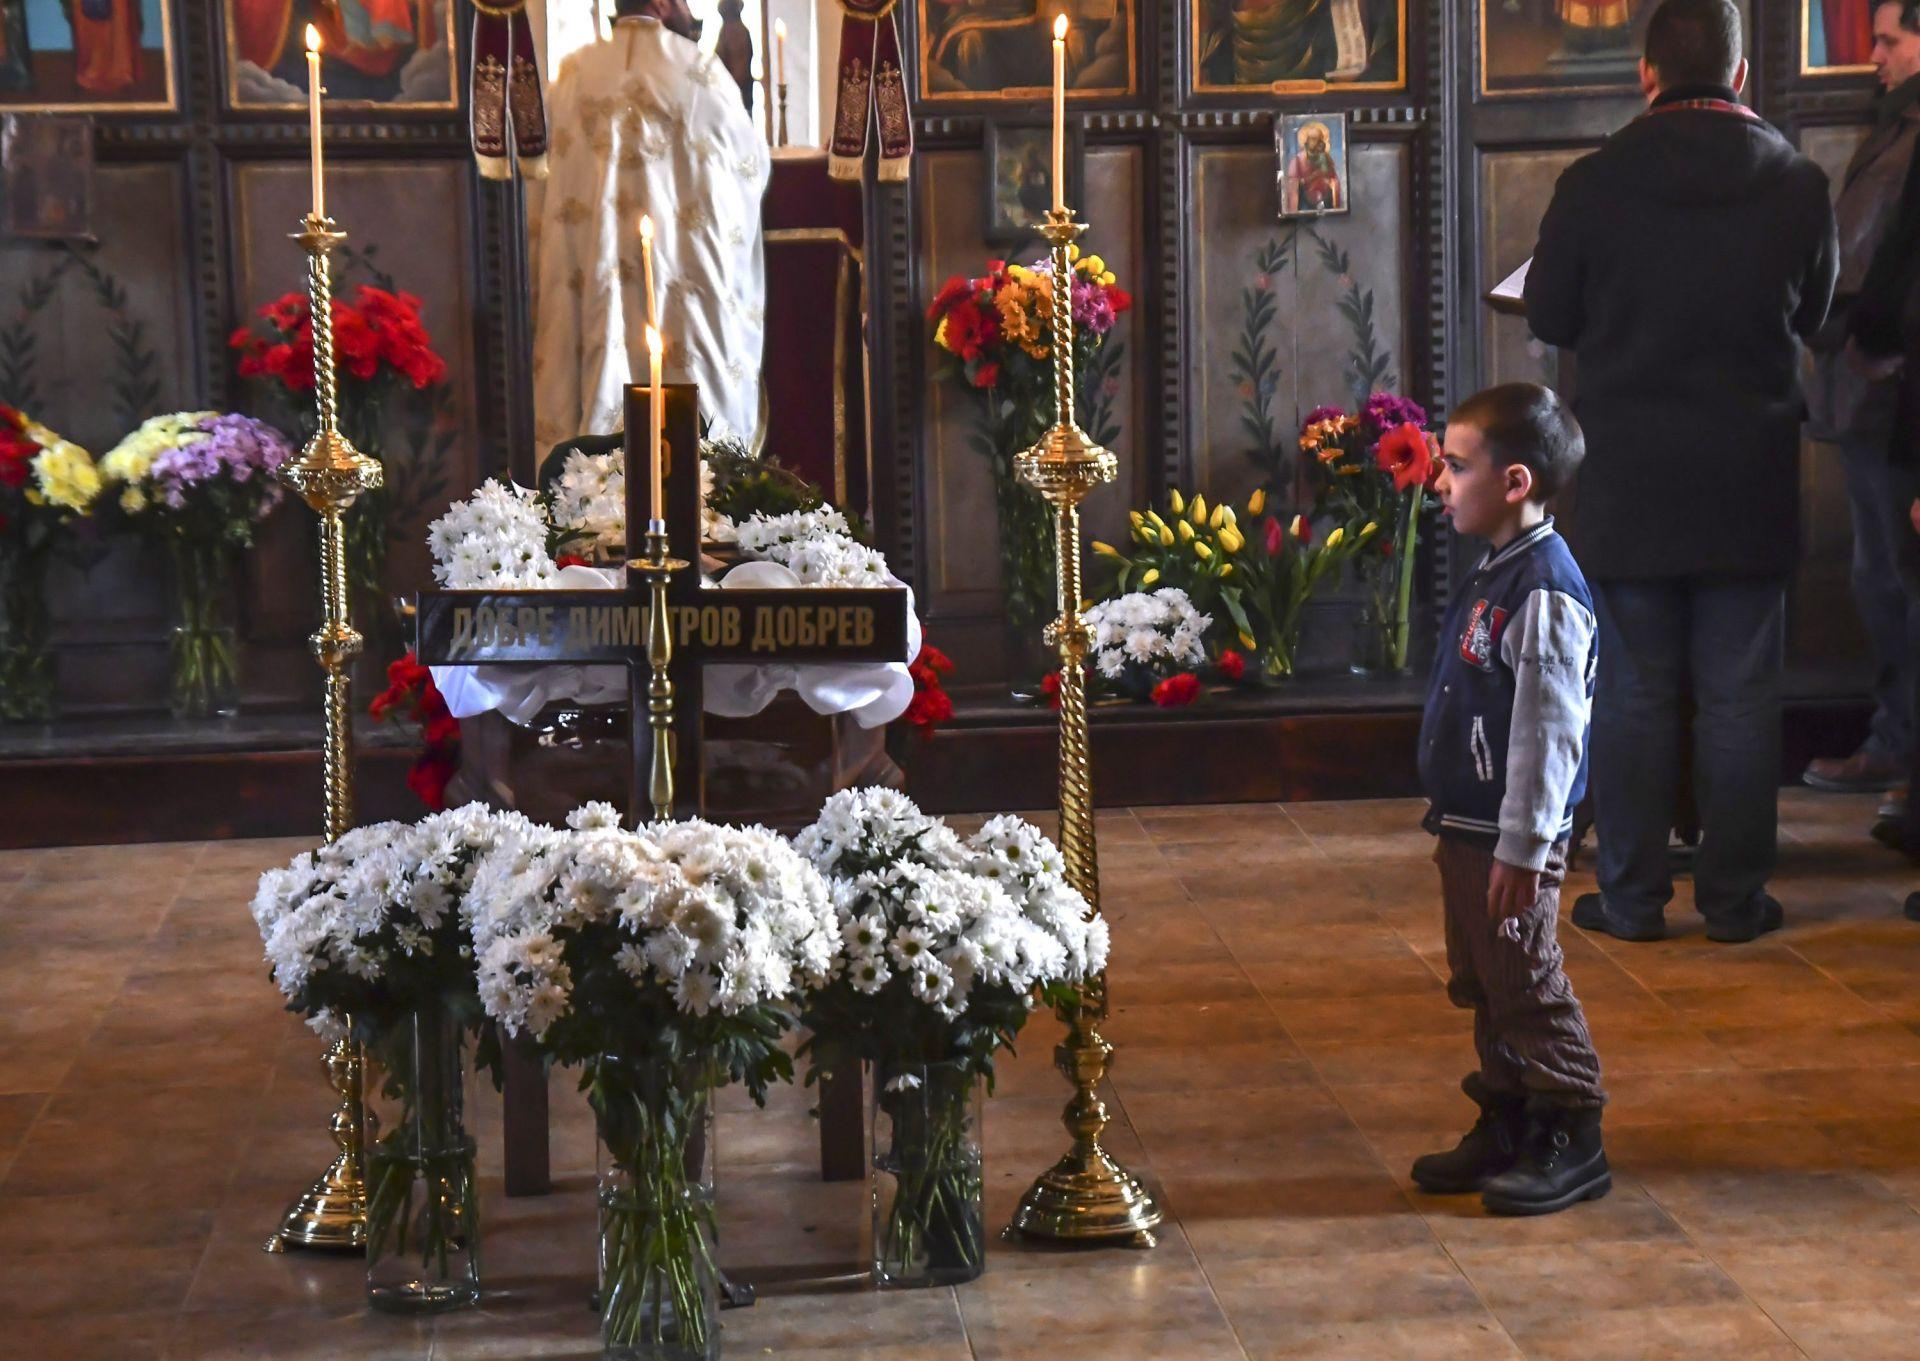 Почина дядо Добри – живият светец, посветил се на човечността  Прочети още на: https://www.dnes.bg/obshtestvo/2018/02/13/pochina-diado-dobri-jiviiat-svetec-posvetil-se-na-chovechnostta.367942